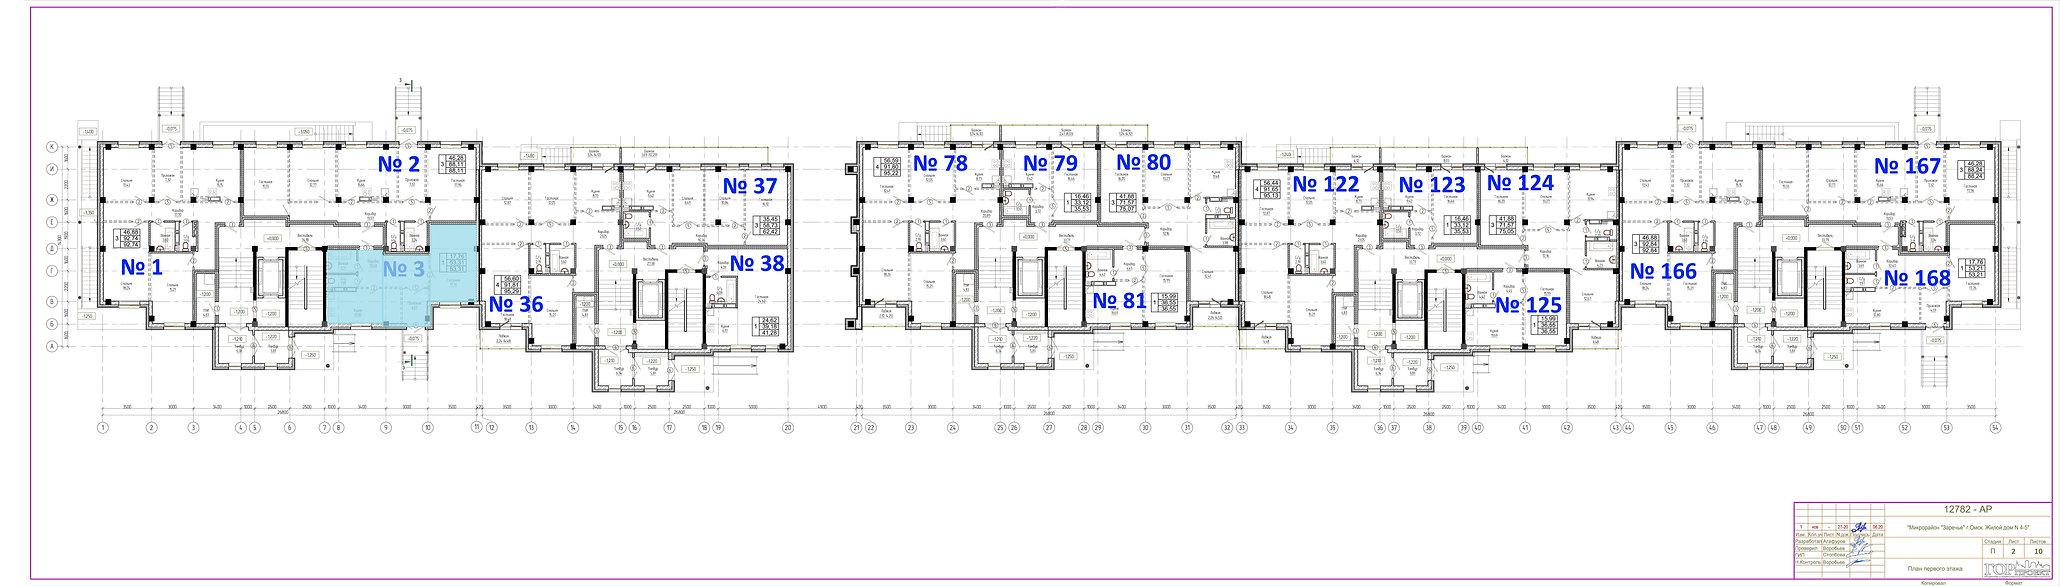 1 этаж кв 3.jpg